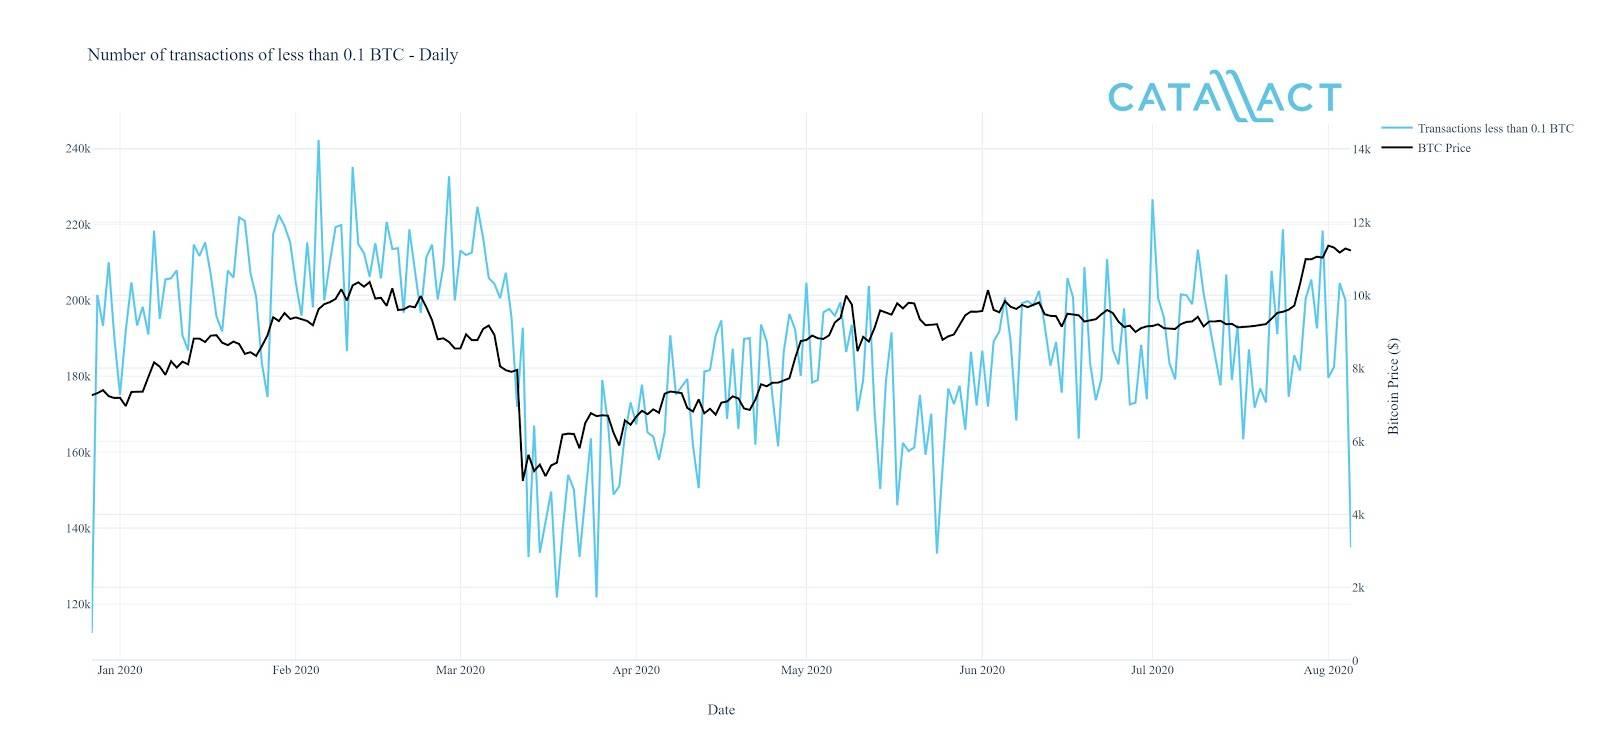 《【比特币价格】散户因暴跌离场观望之际,机构投资者大肆逢低买入》